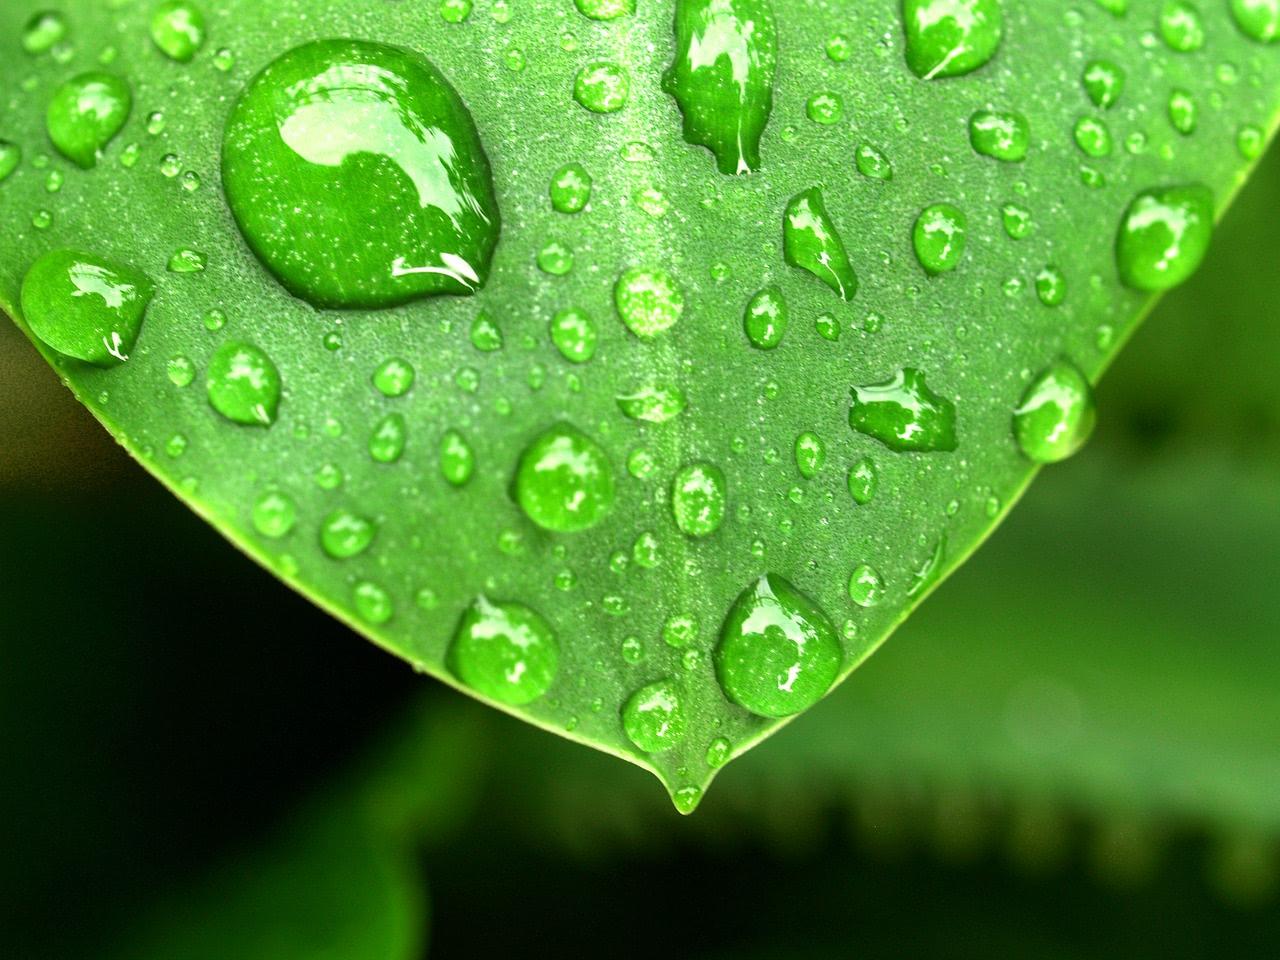 Feuchtigkeit auf Blättern